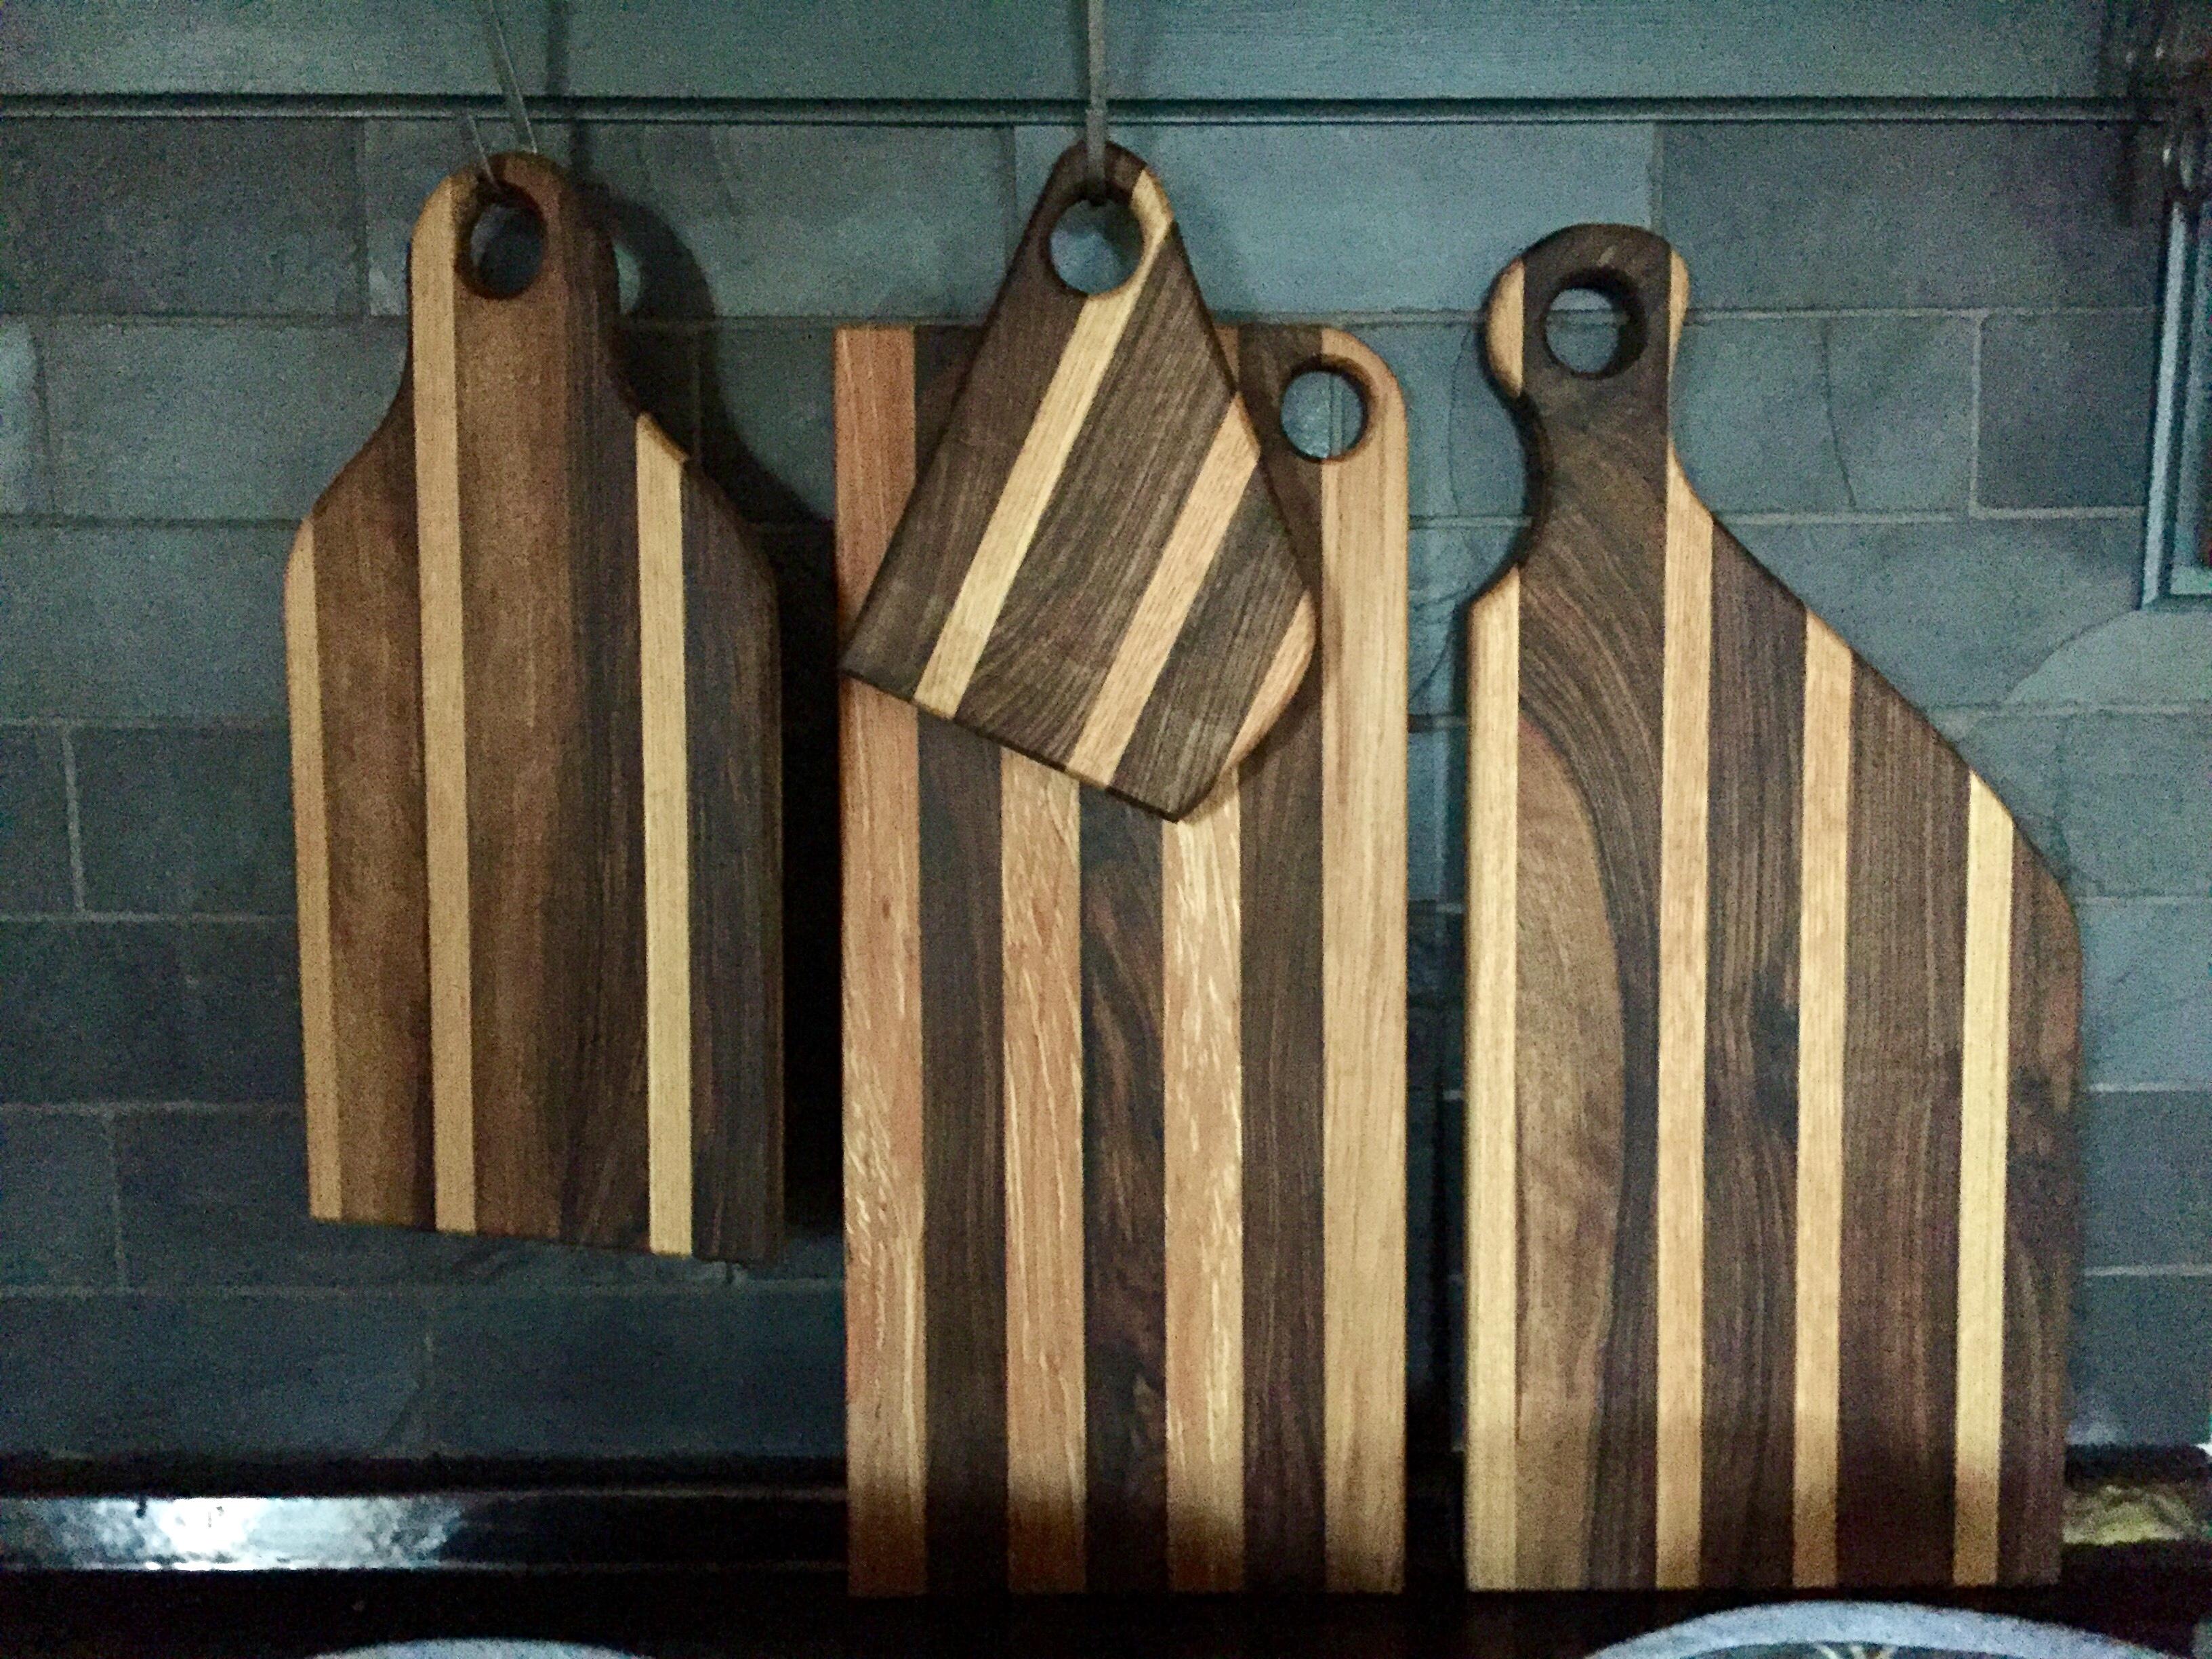 Walnut Oak chopping board